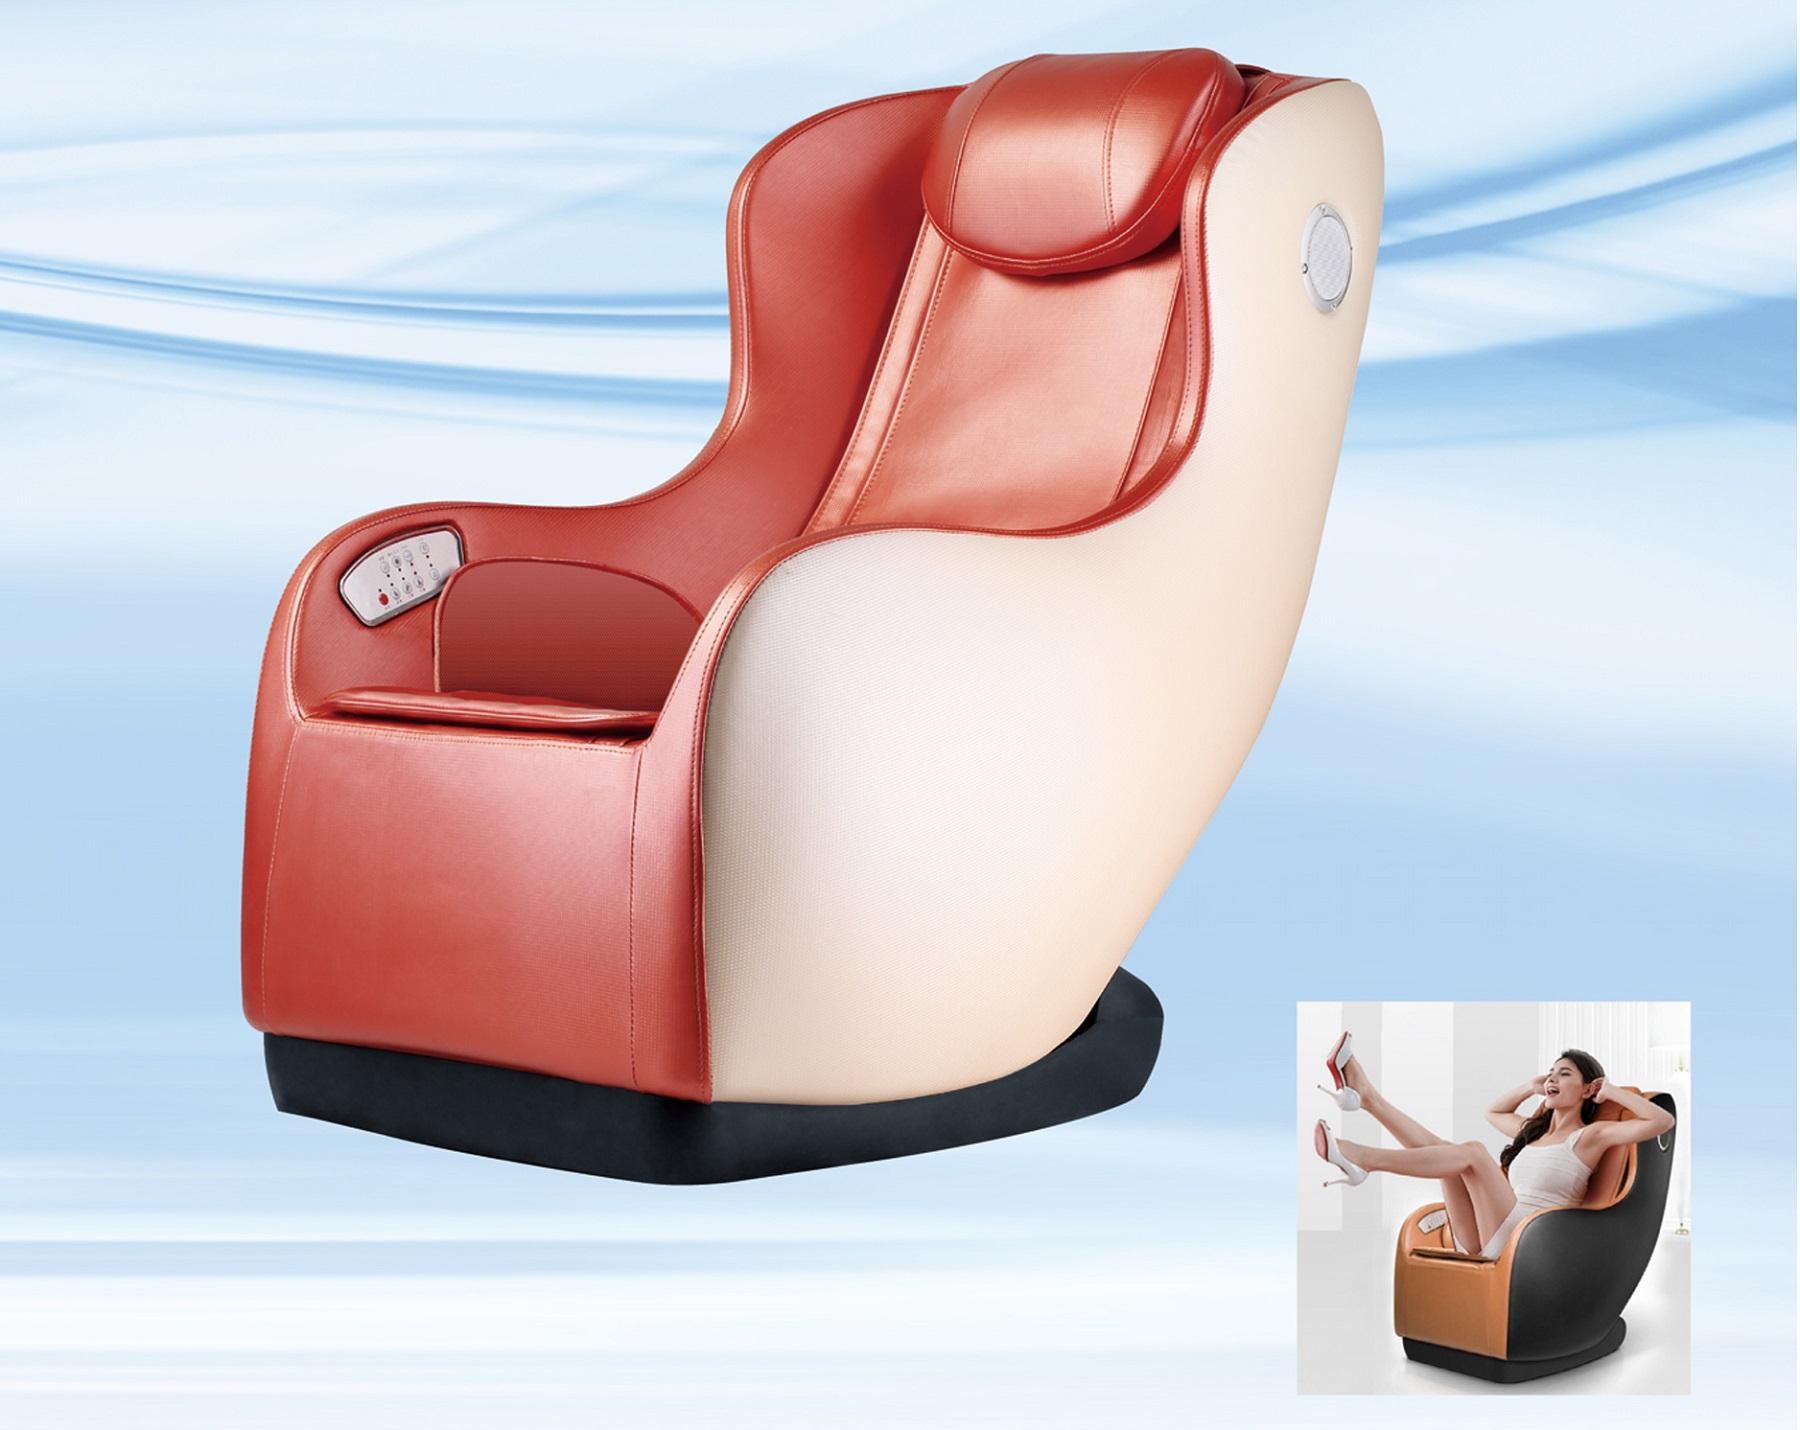 按摩椅-民用按摩椅广东按摩椅SLZ-N800